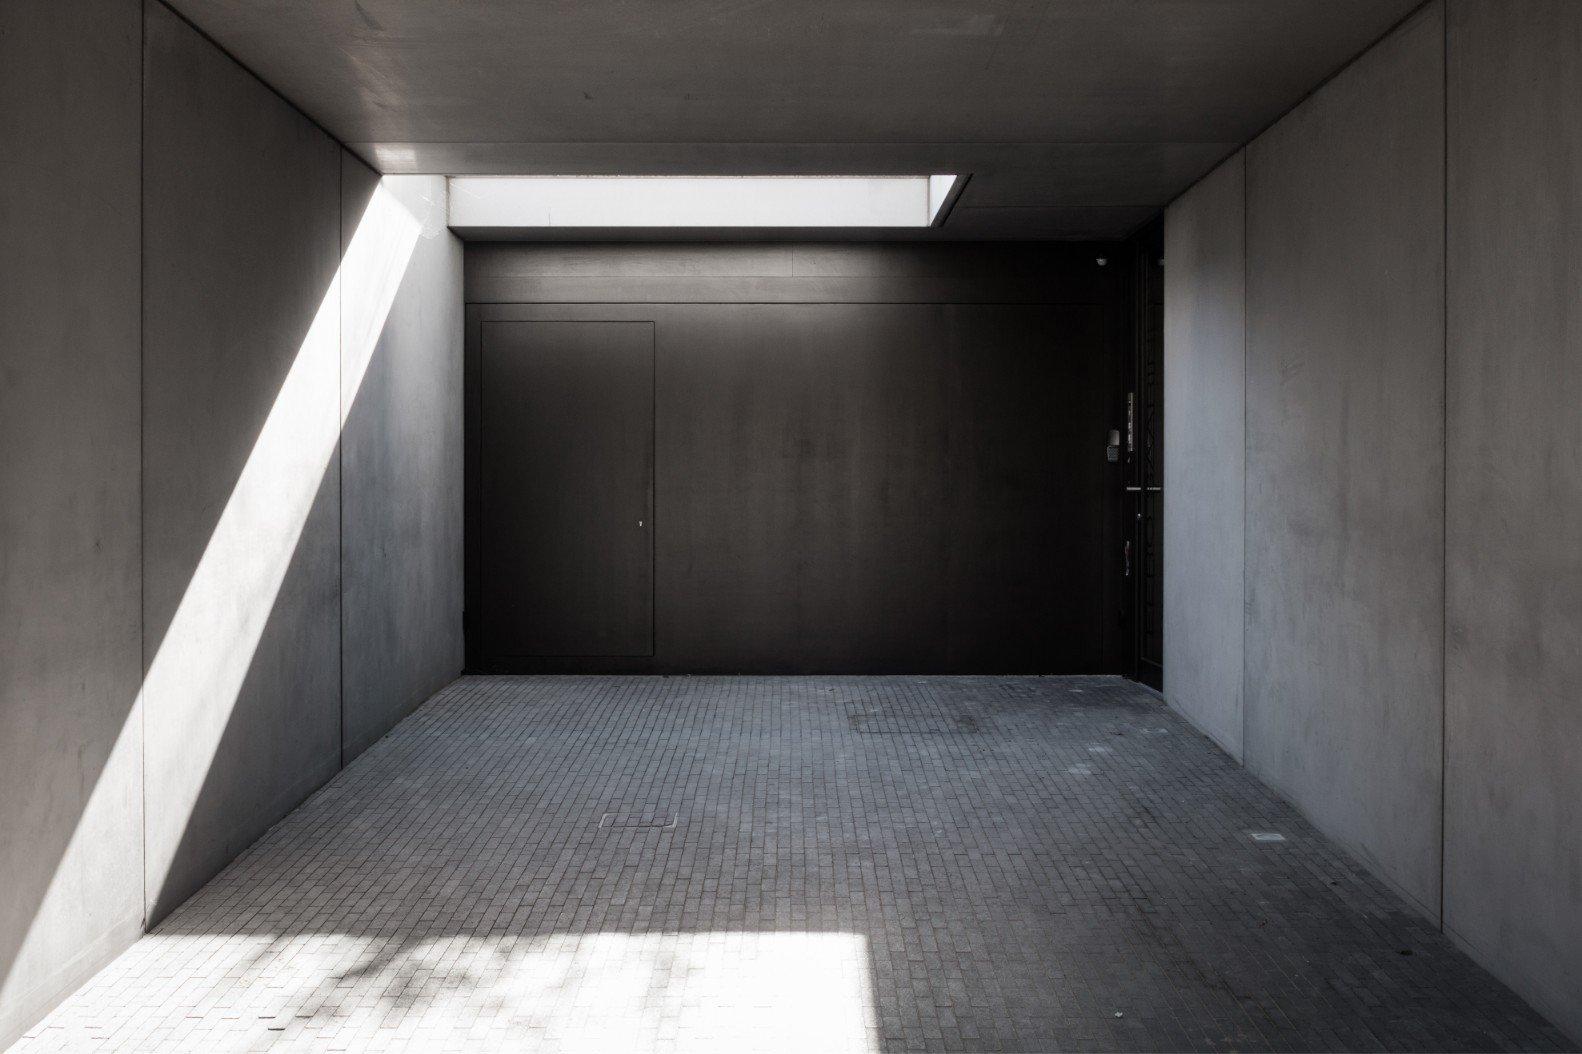 Rietveldprojects-saarinen-appartement-design-architectuur-kust-tvdv4